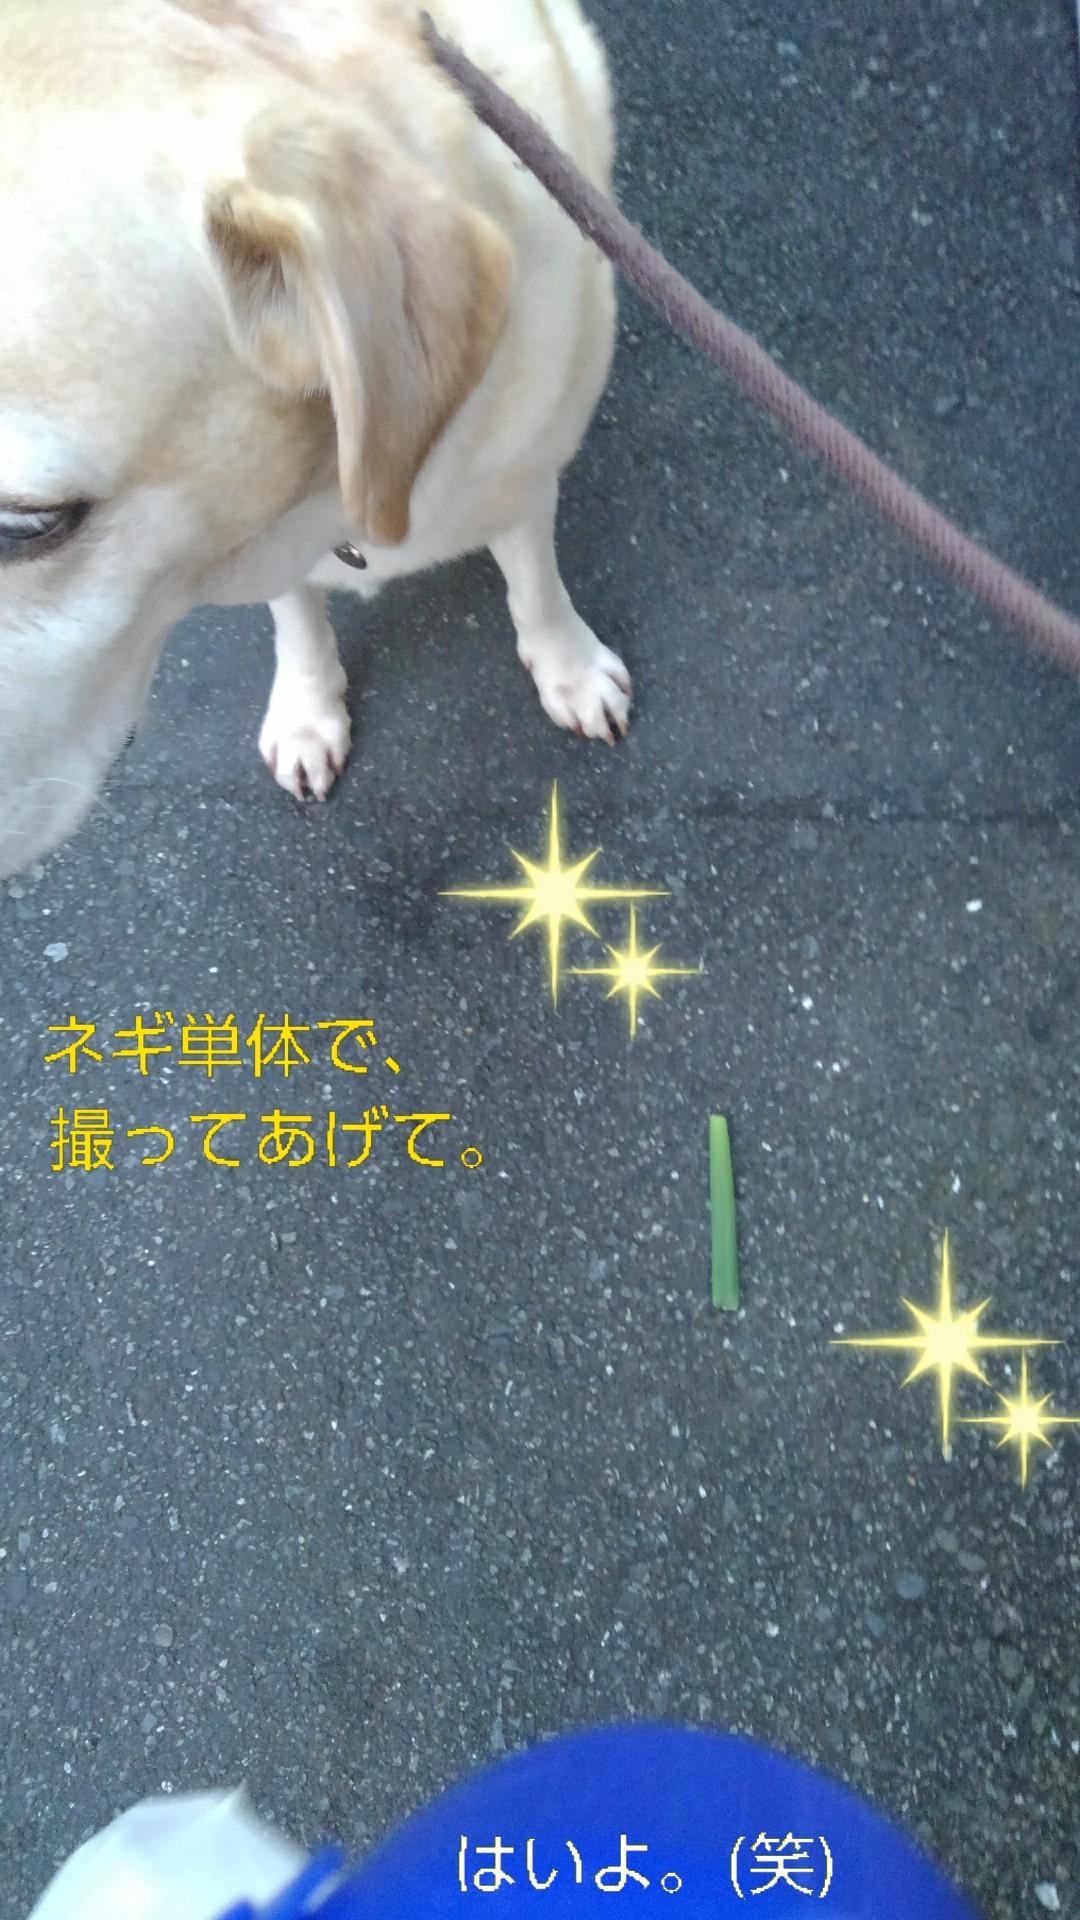 高円寺の落ちネギ・82、83(筒×2)_b0339522_13030838.jpg